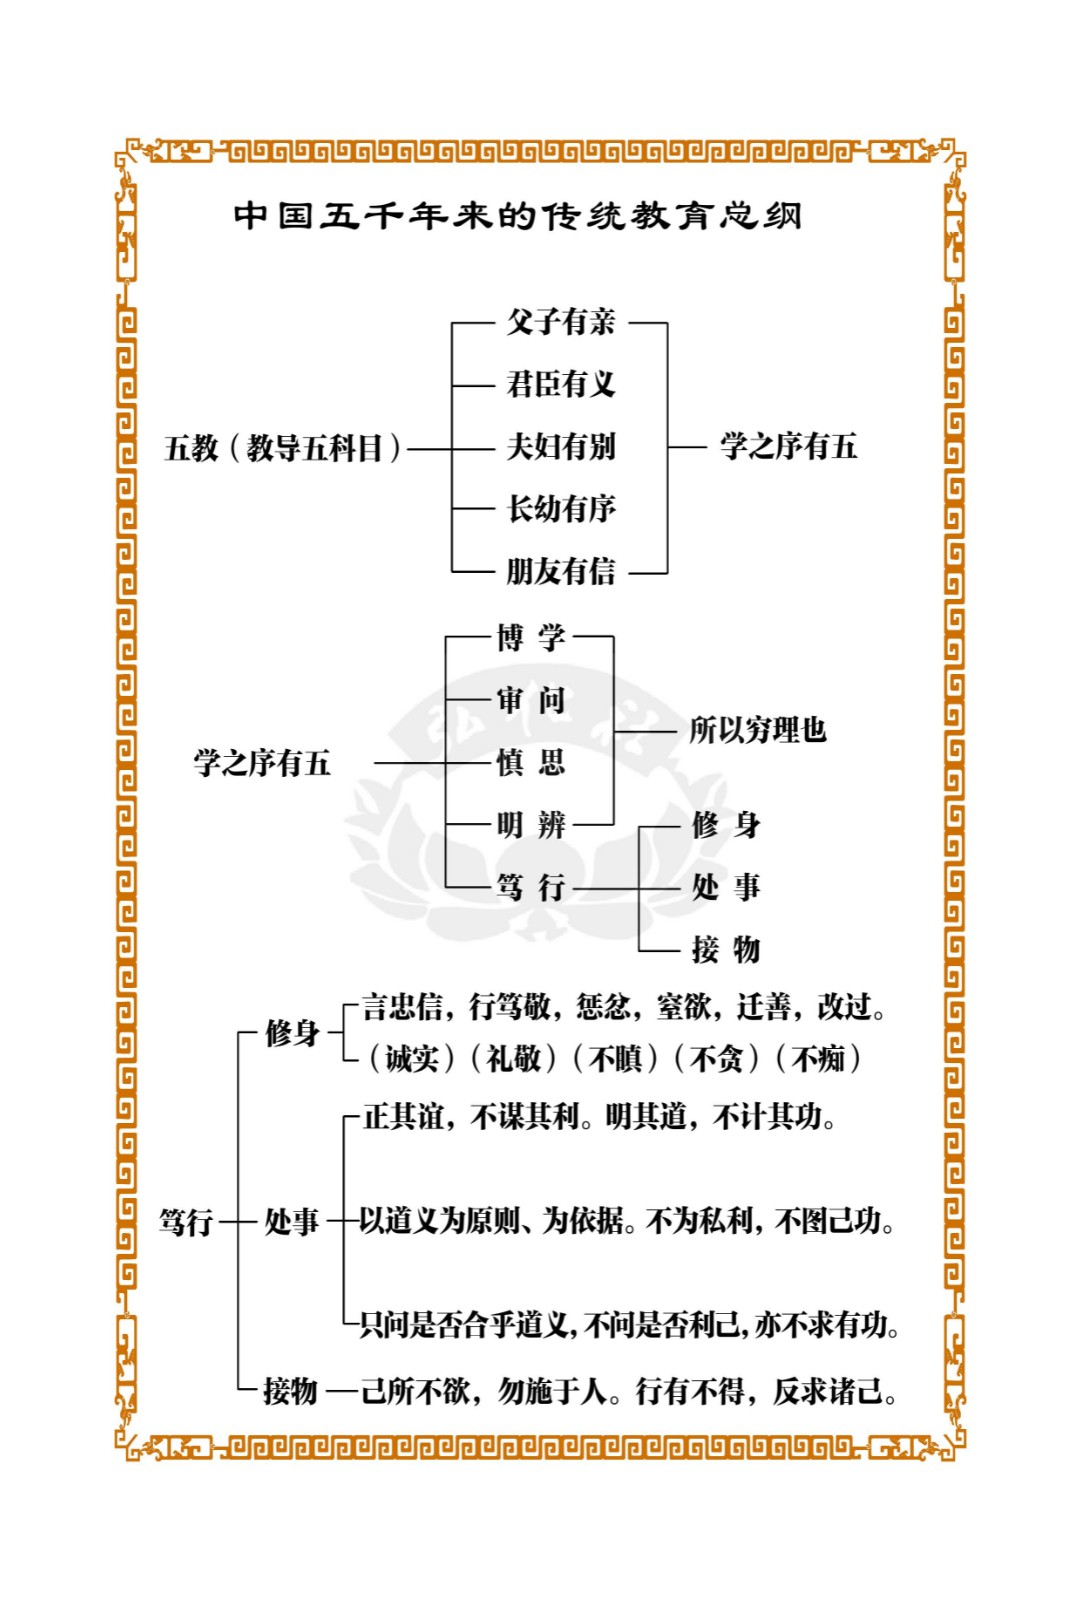 弟子规简说 (9).jpg